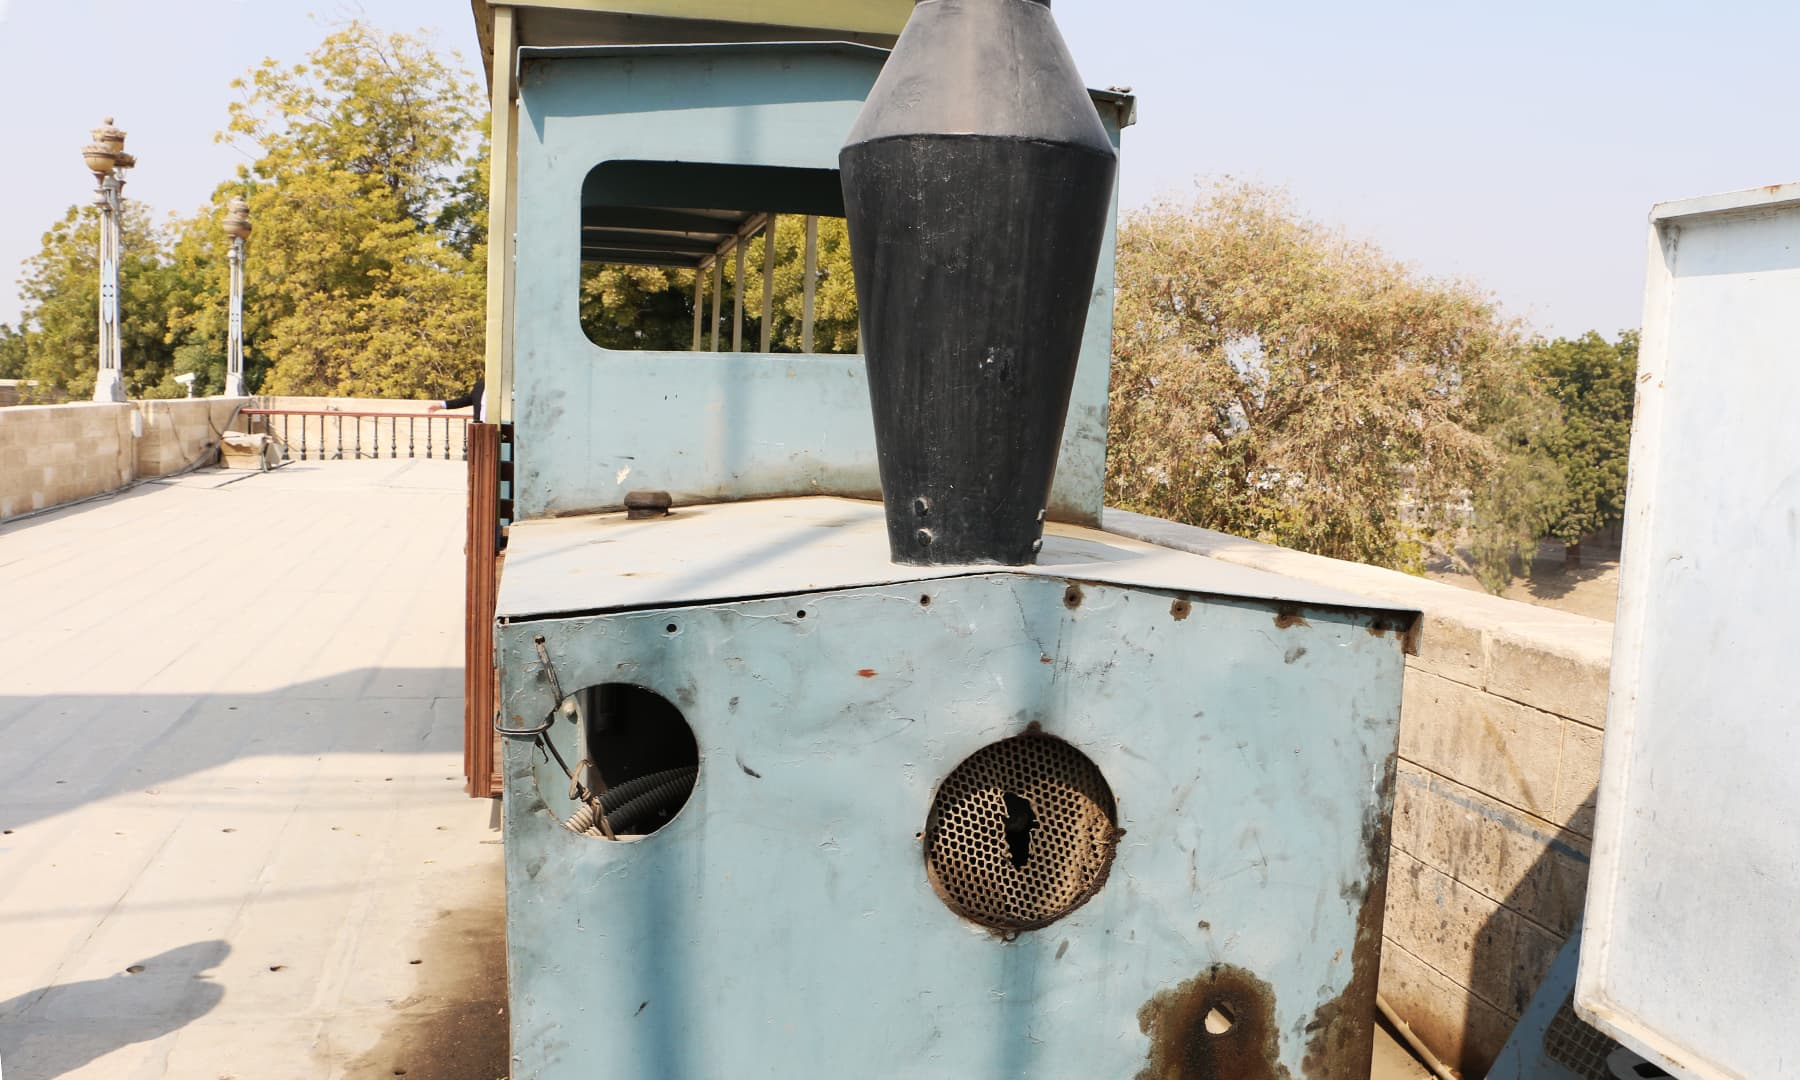 بیراج ٹرین کا انجن—تصویر ابراہیم کنبھر